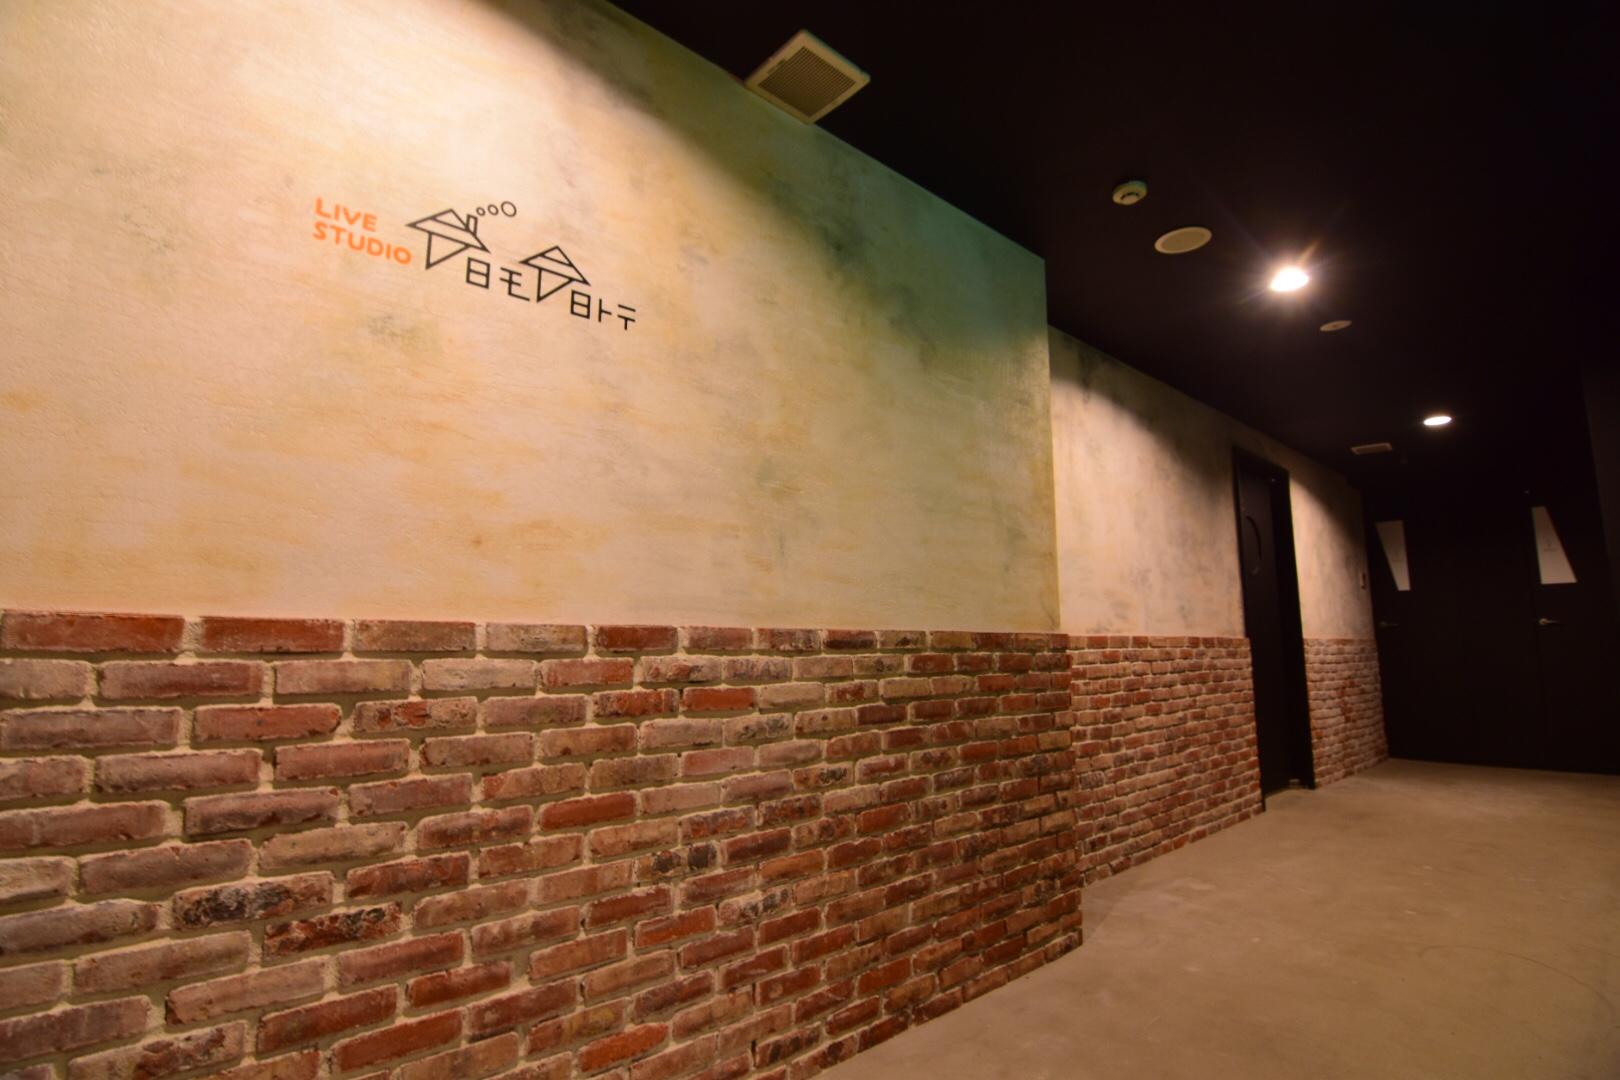 音楽天国・京都河原町店のLive Studio 今日モ今日トテの外観